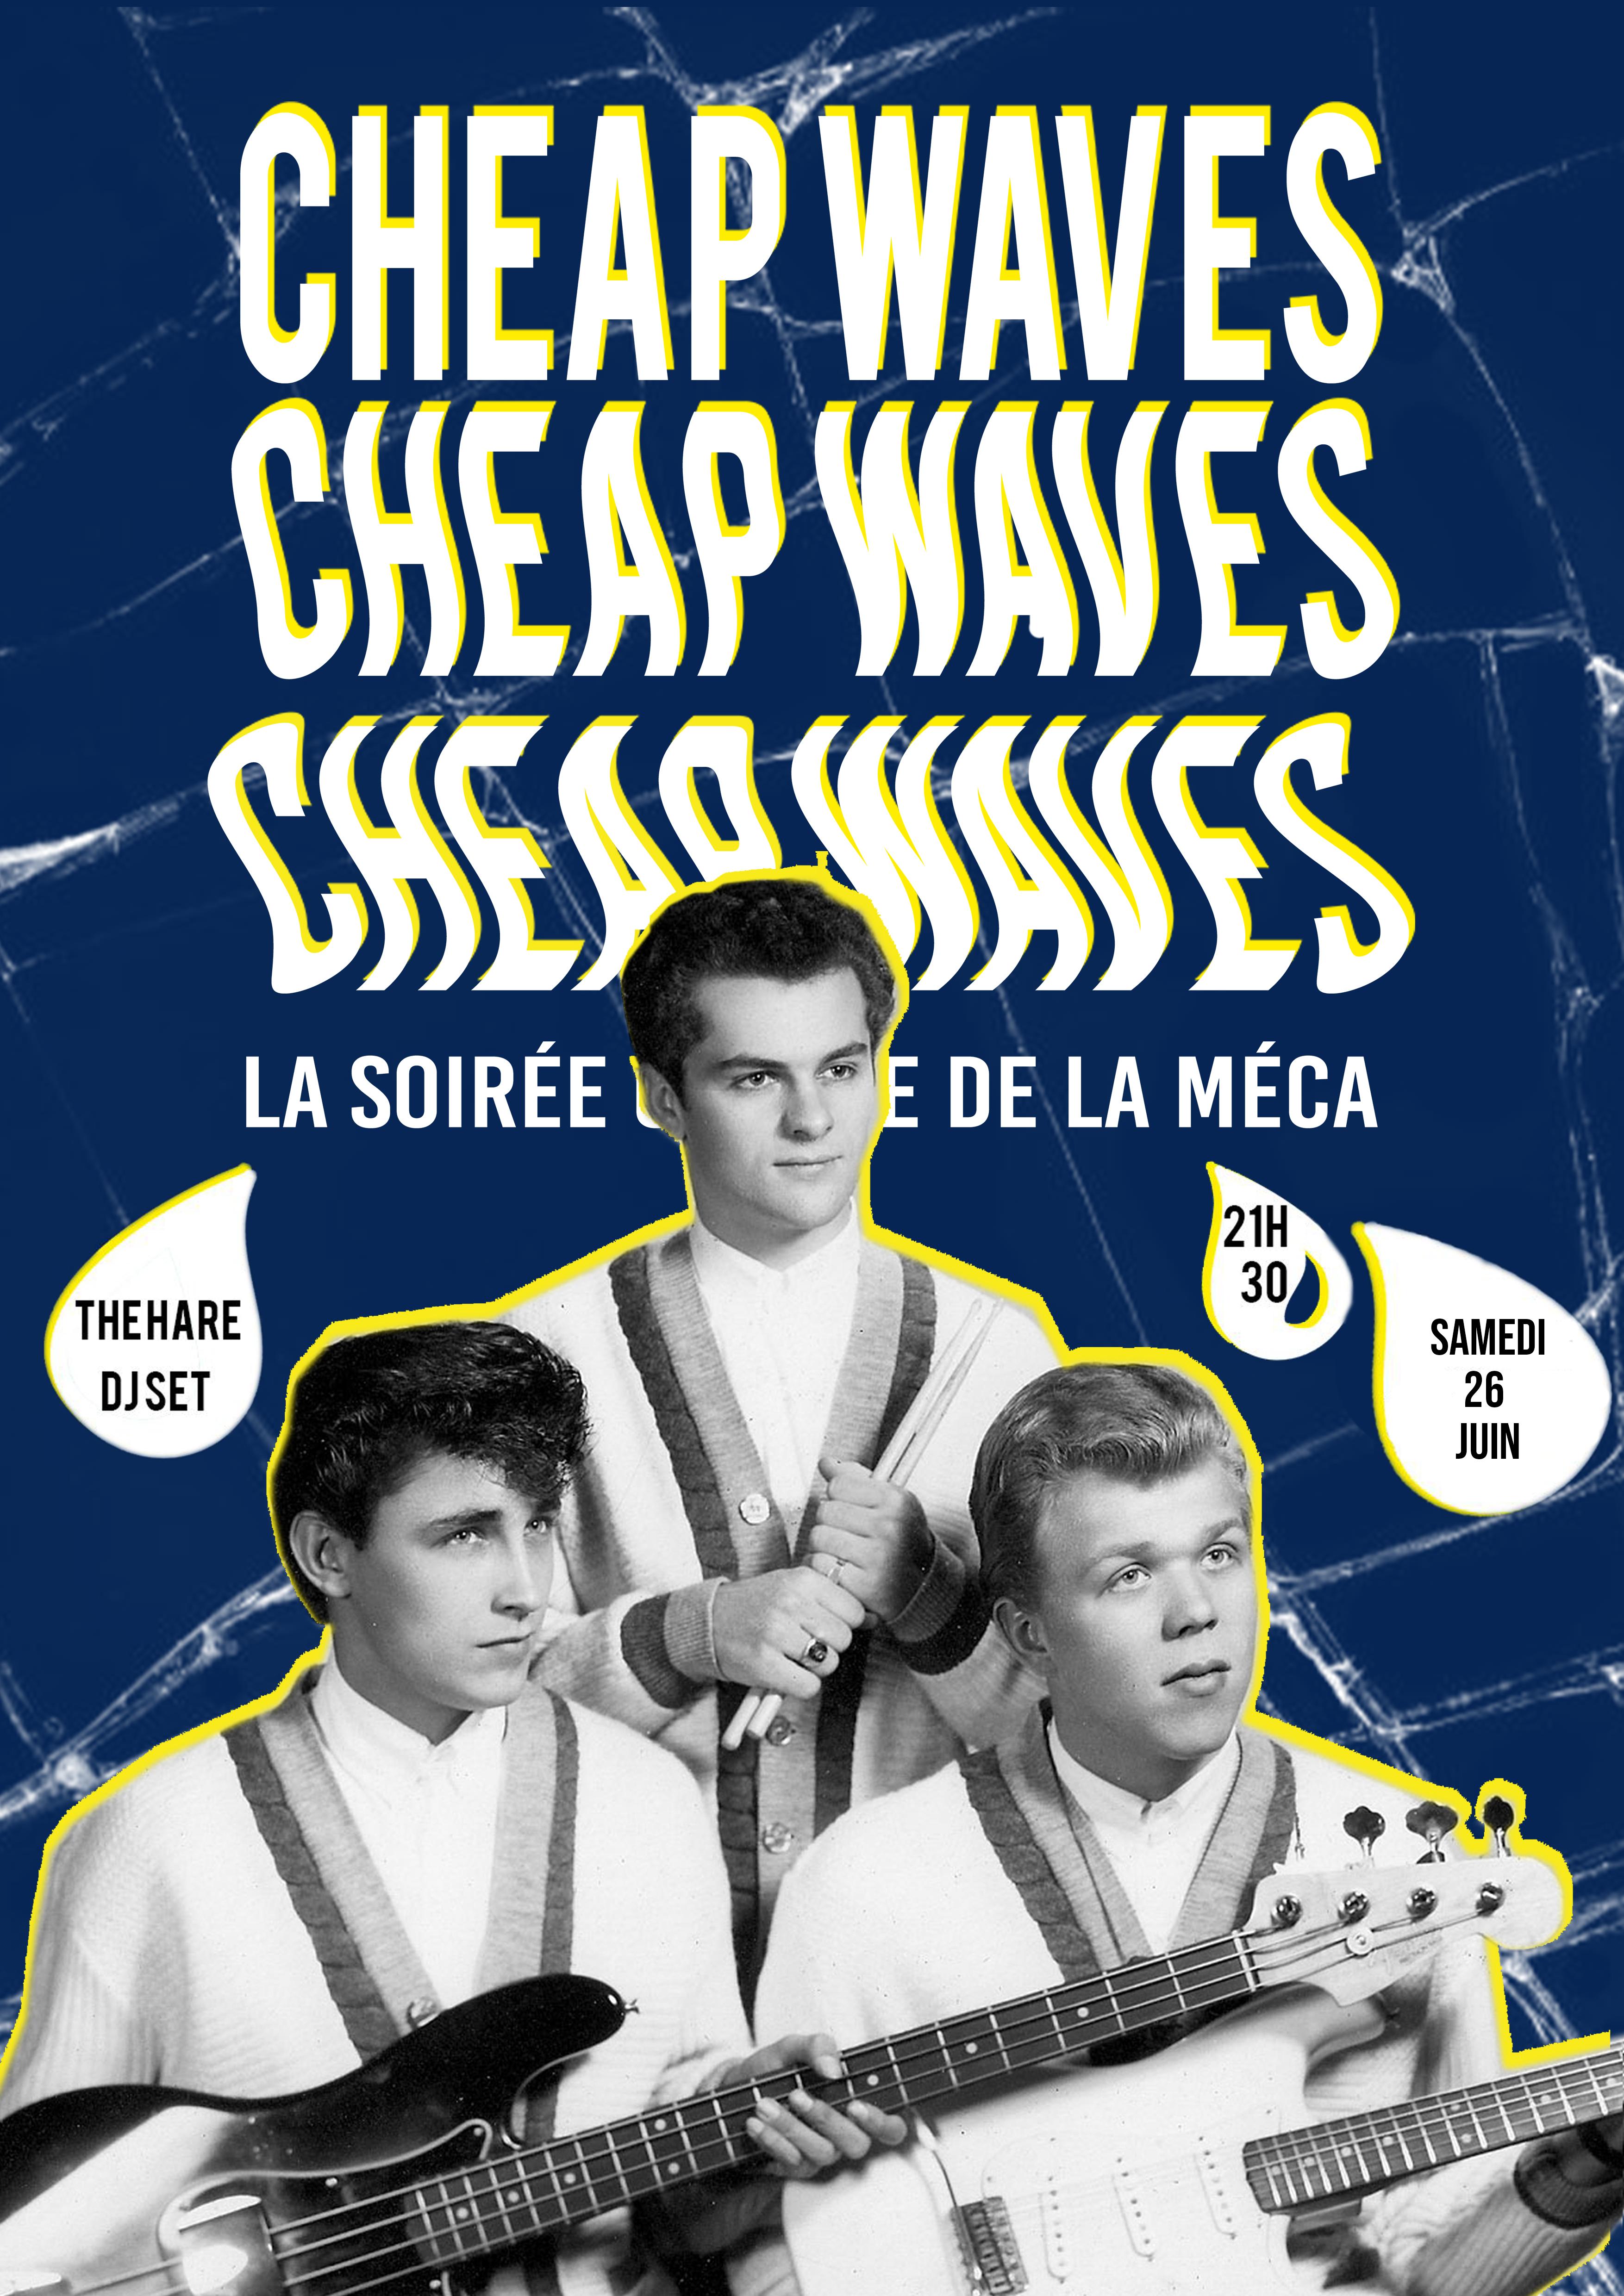 CHEAP WAVES // 26.06